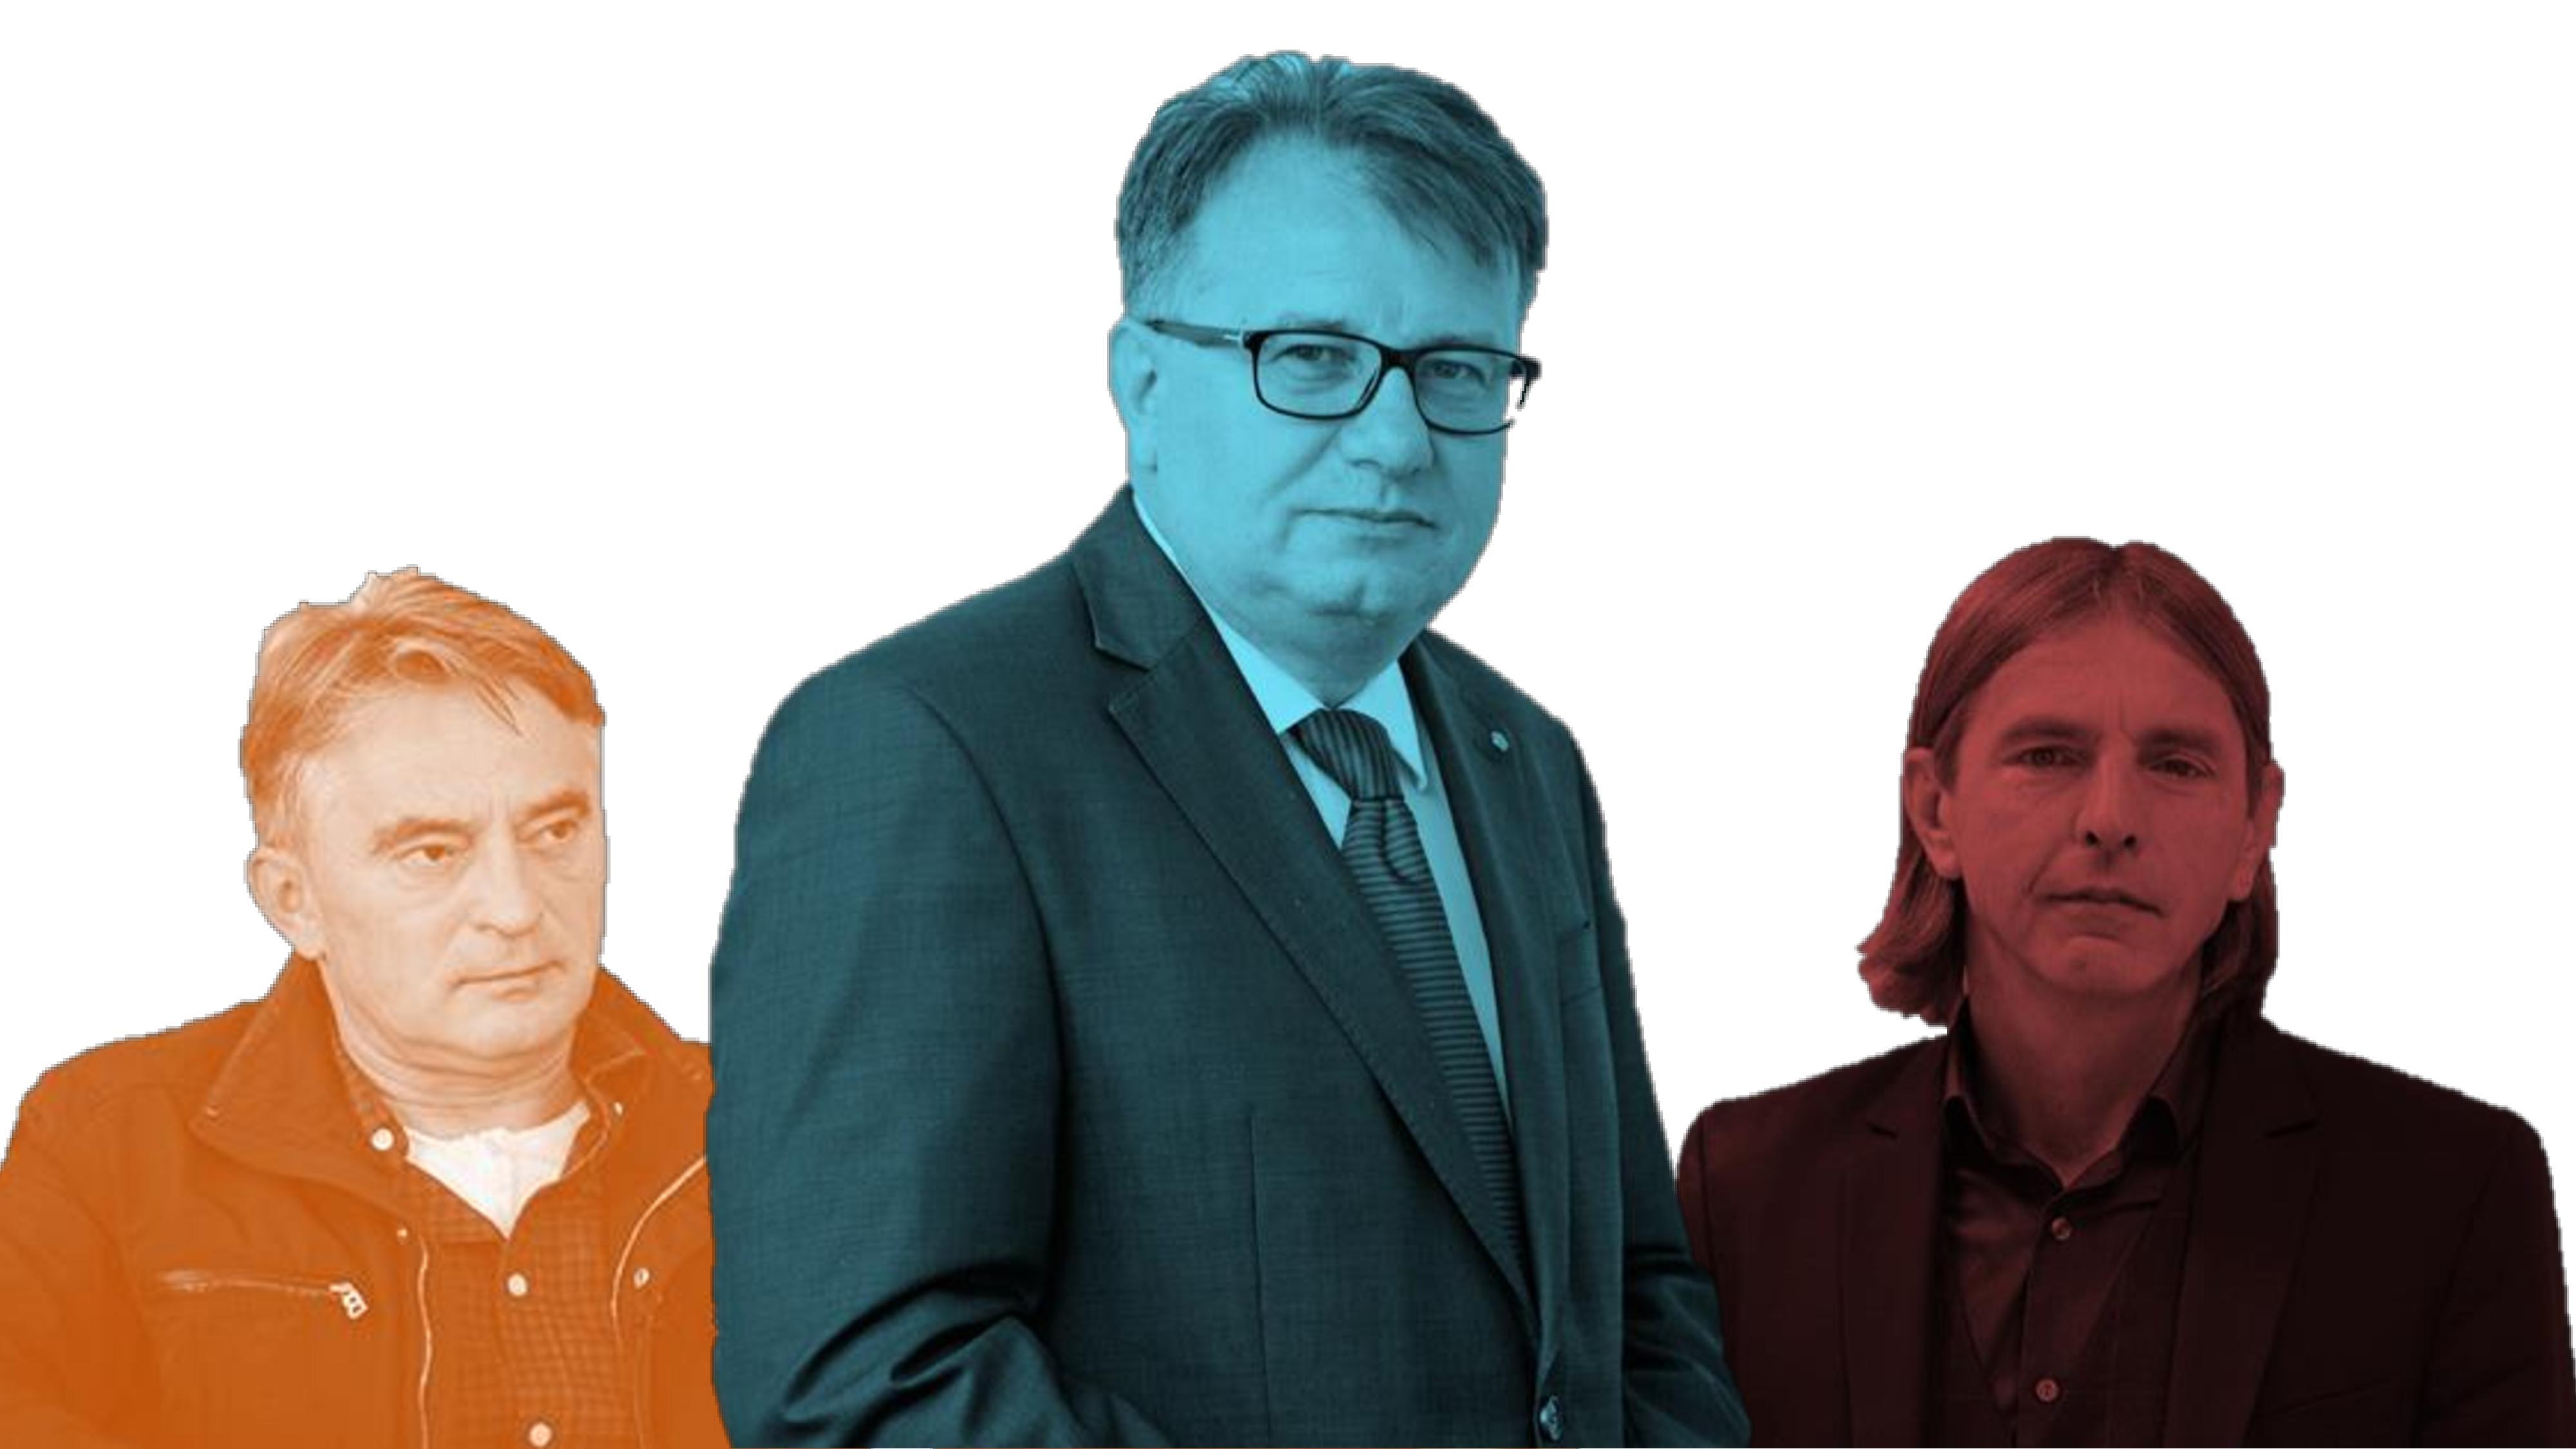 REPUBLIKA SDP: Koliko skupo će Bosna i Hercegovina platiti neulazak ljevice u vlast